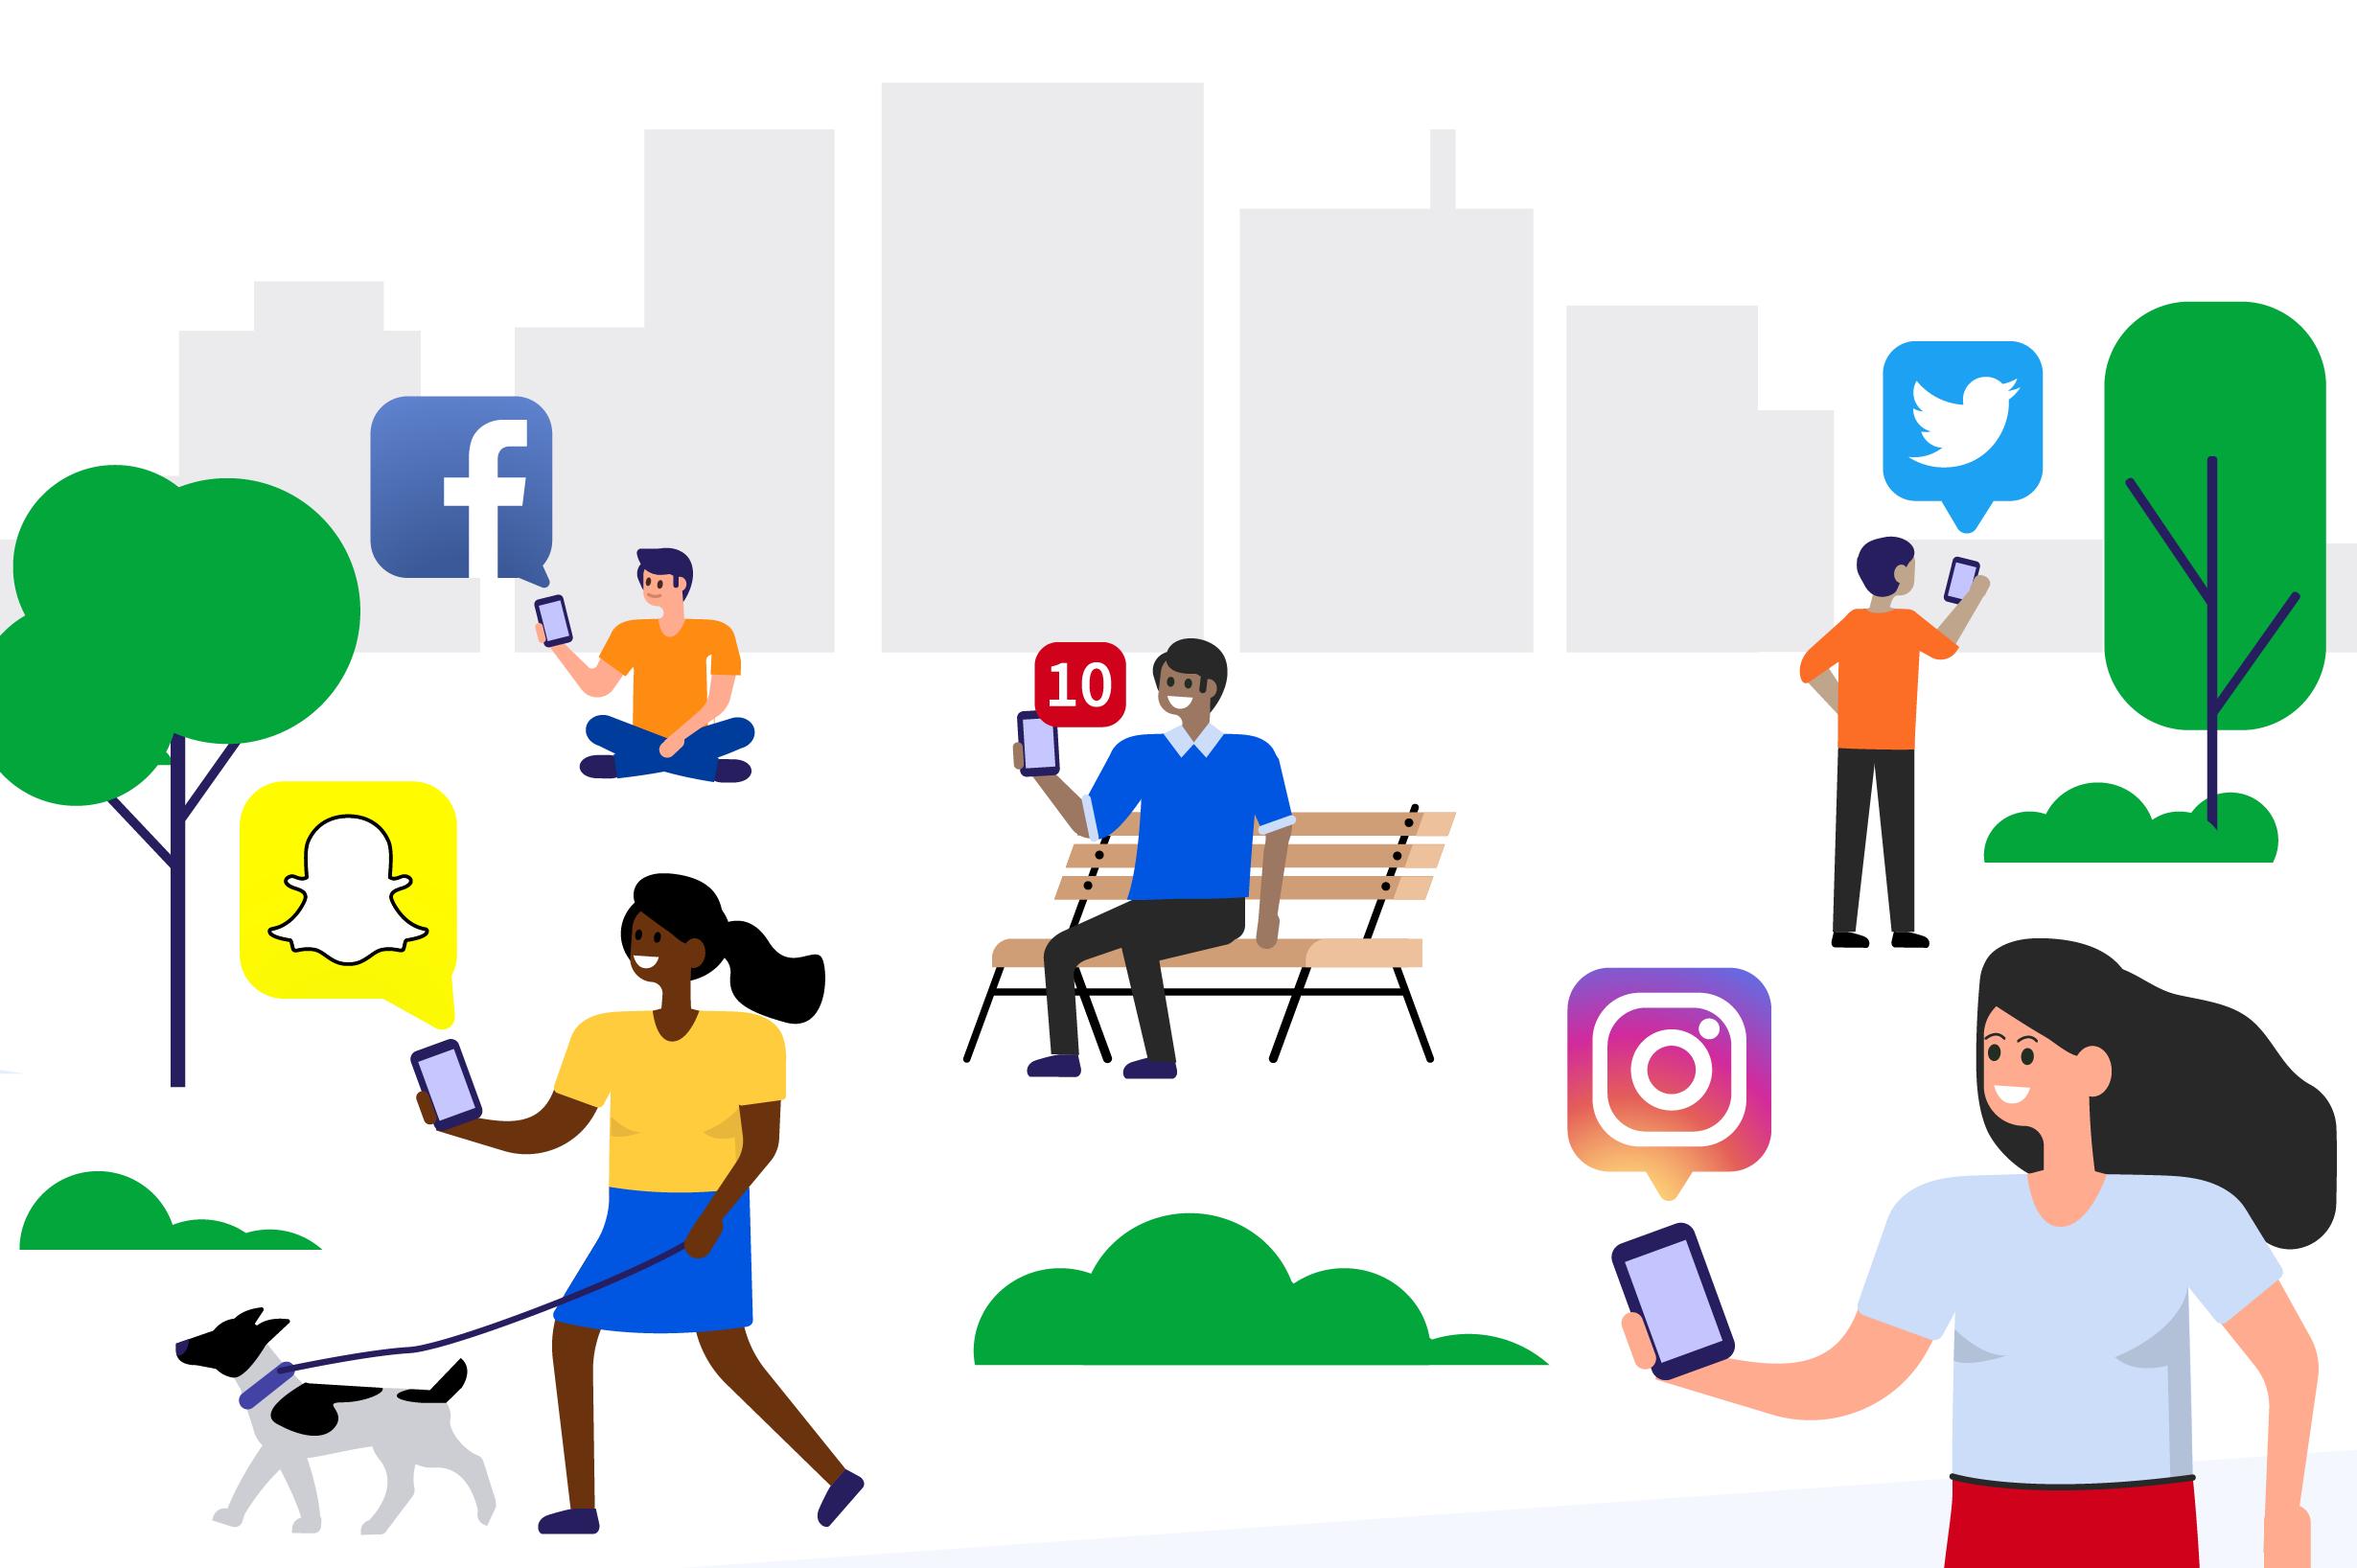 Как социальные сети влияют на нашу жизнь?